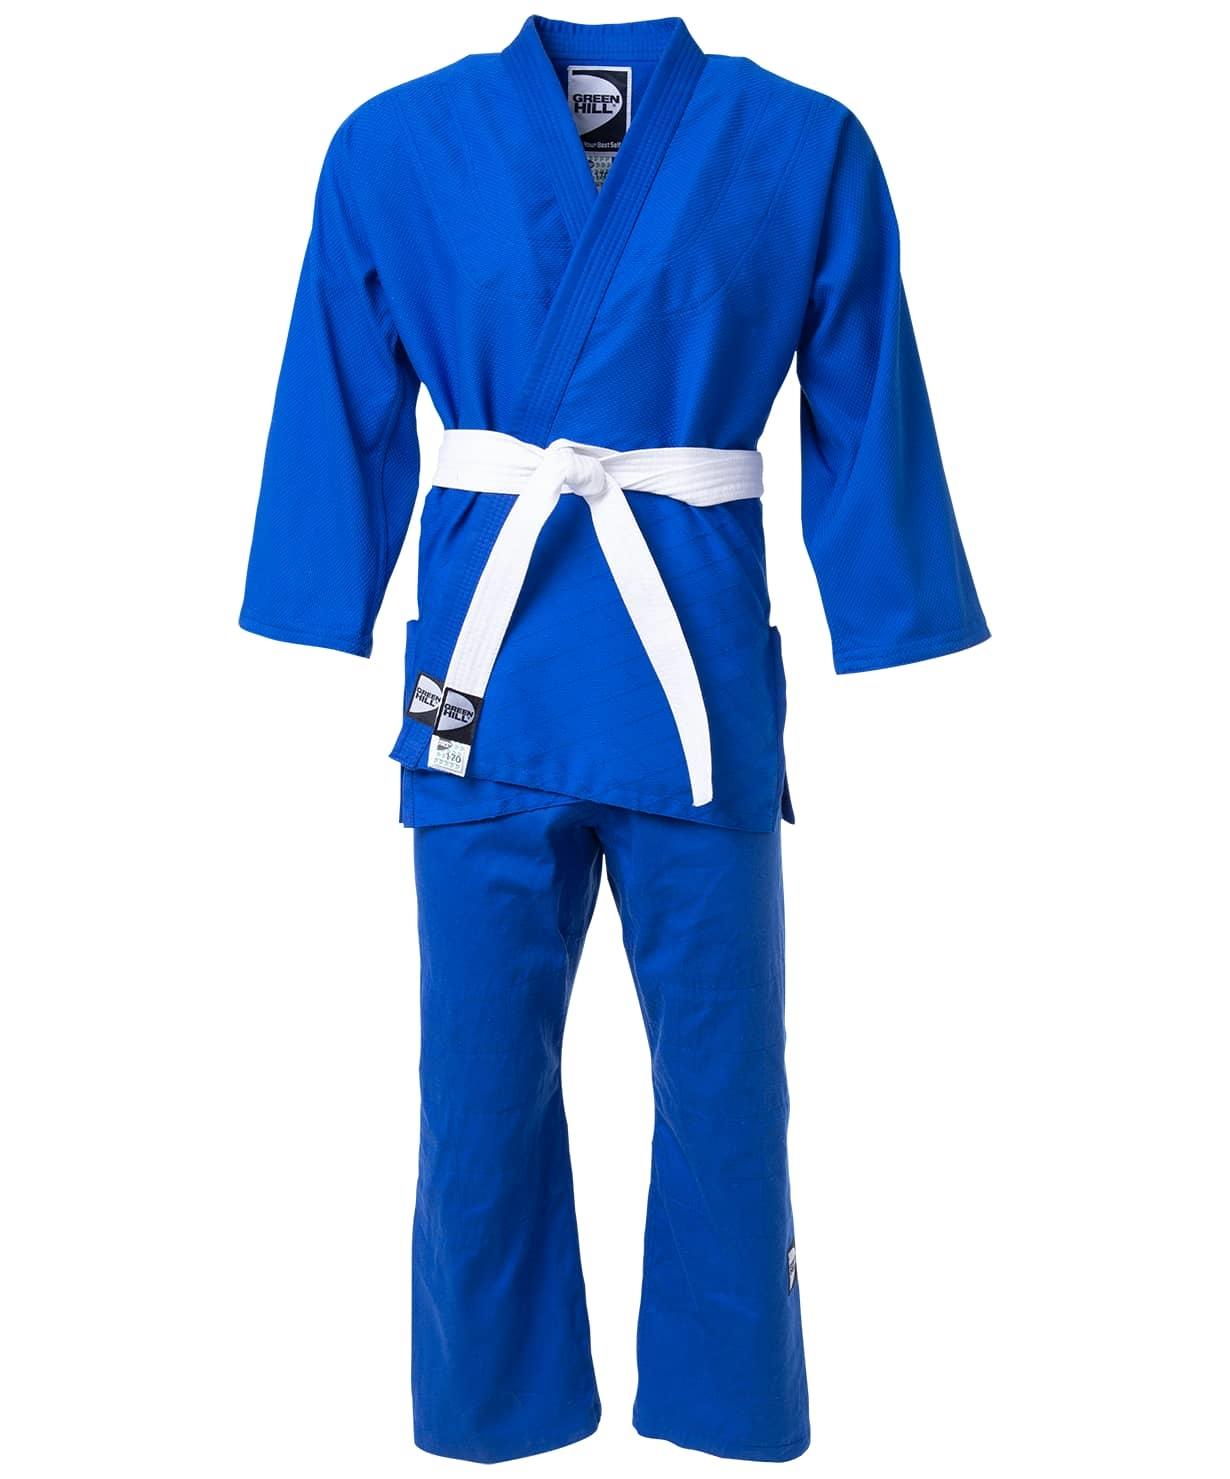 Кимоно для дзюдо JSST-10572, синий, р.3/160